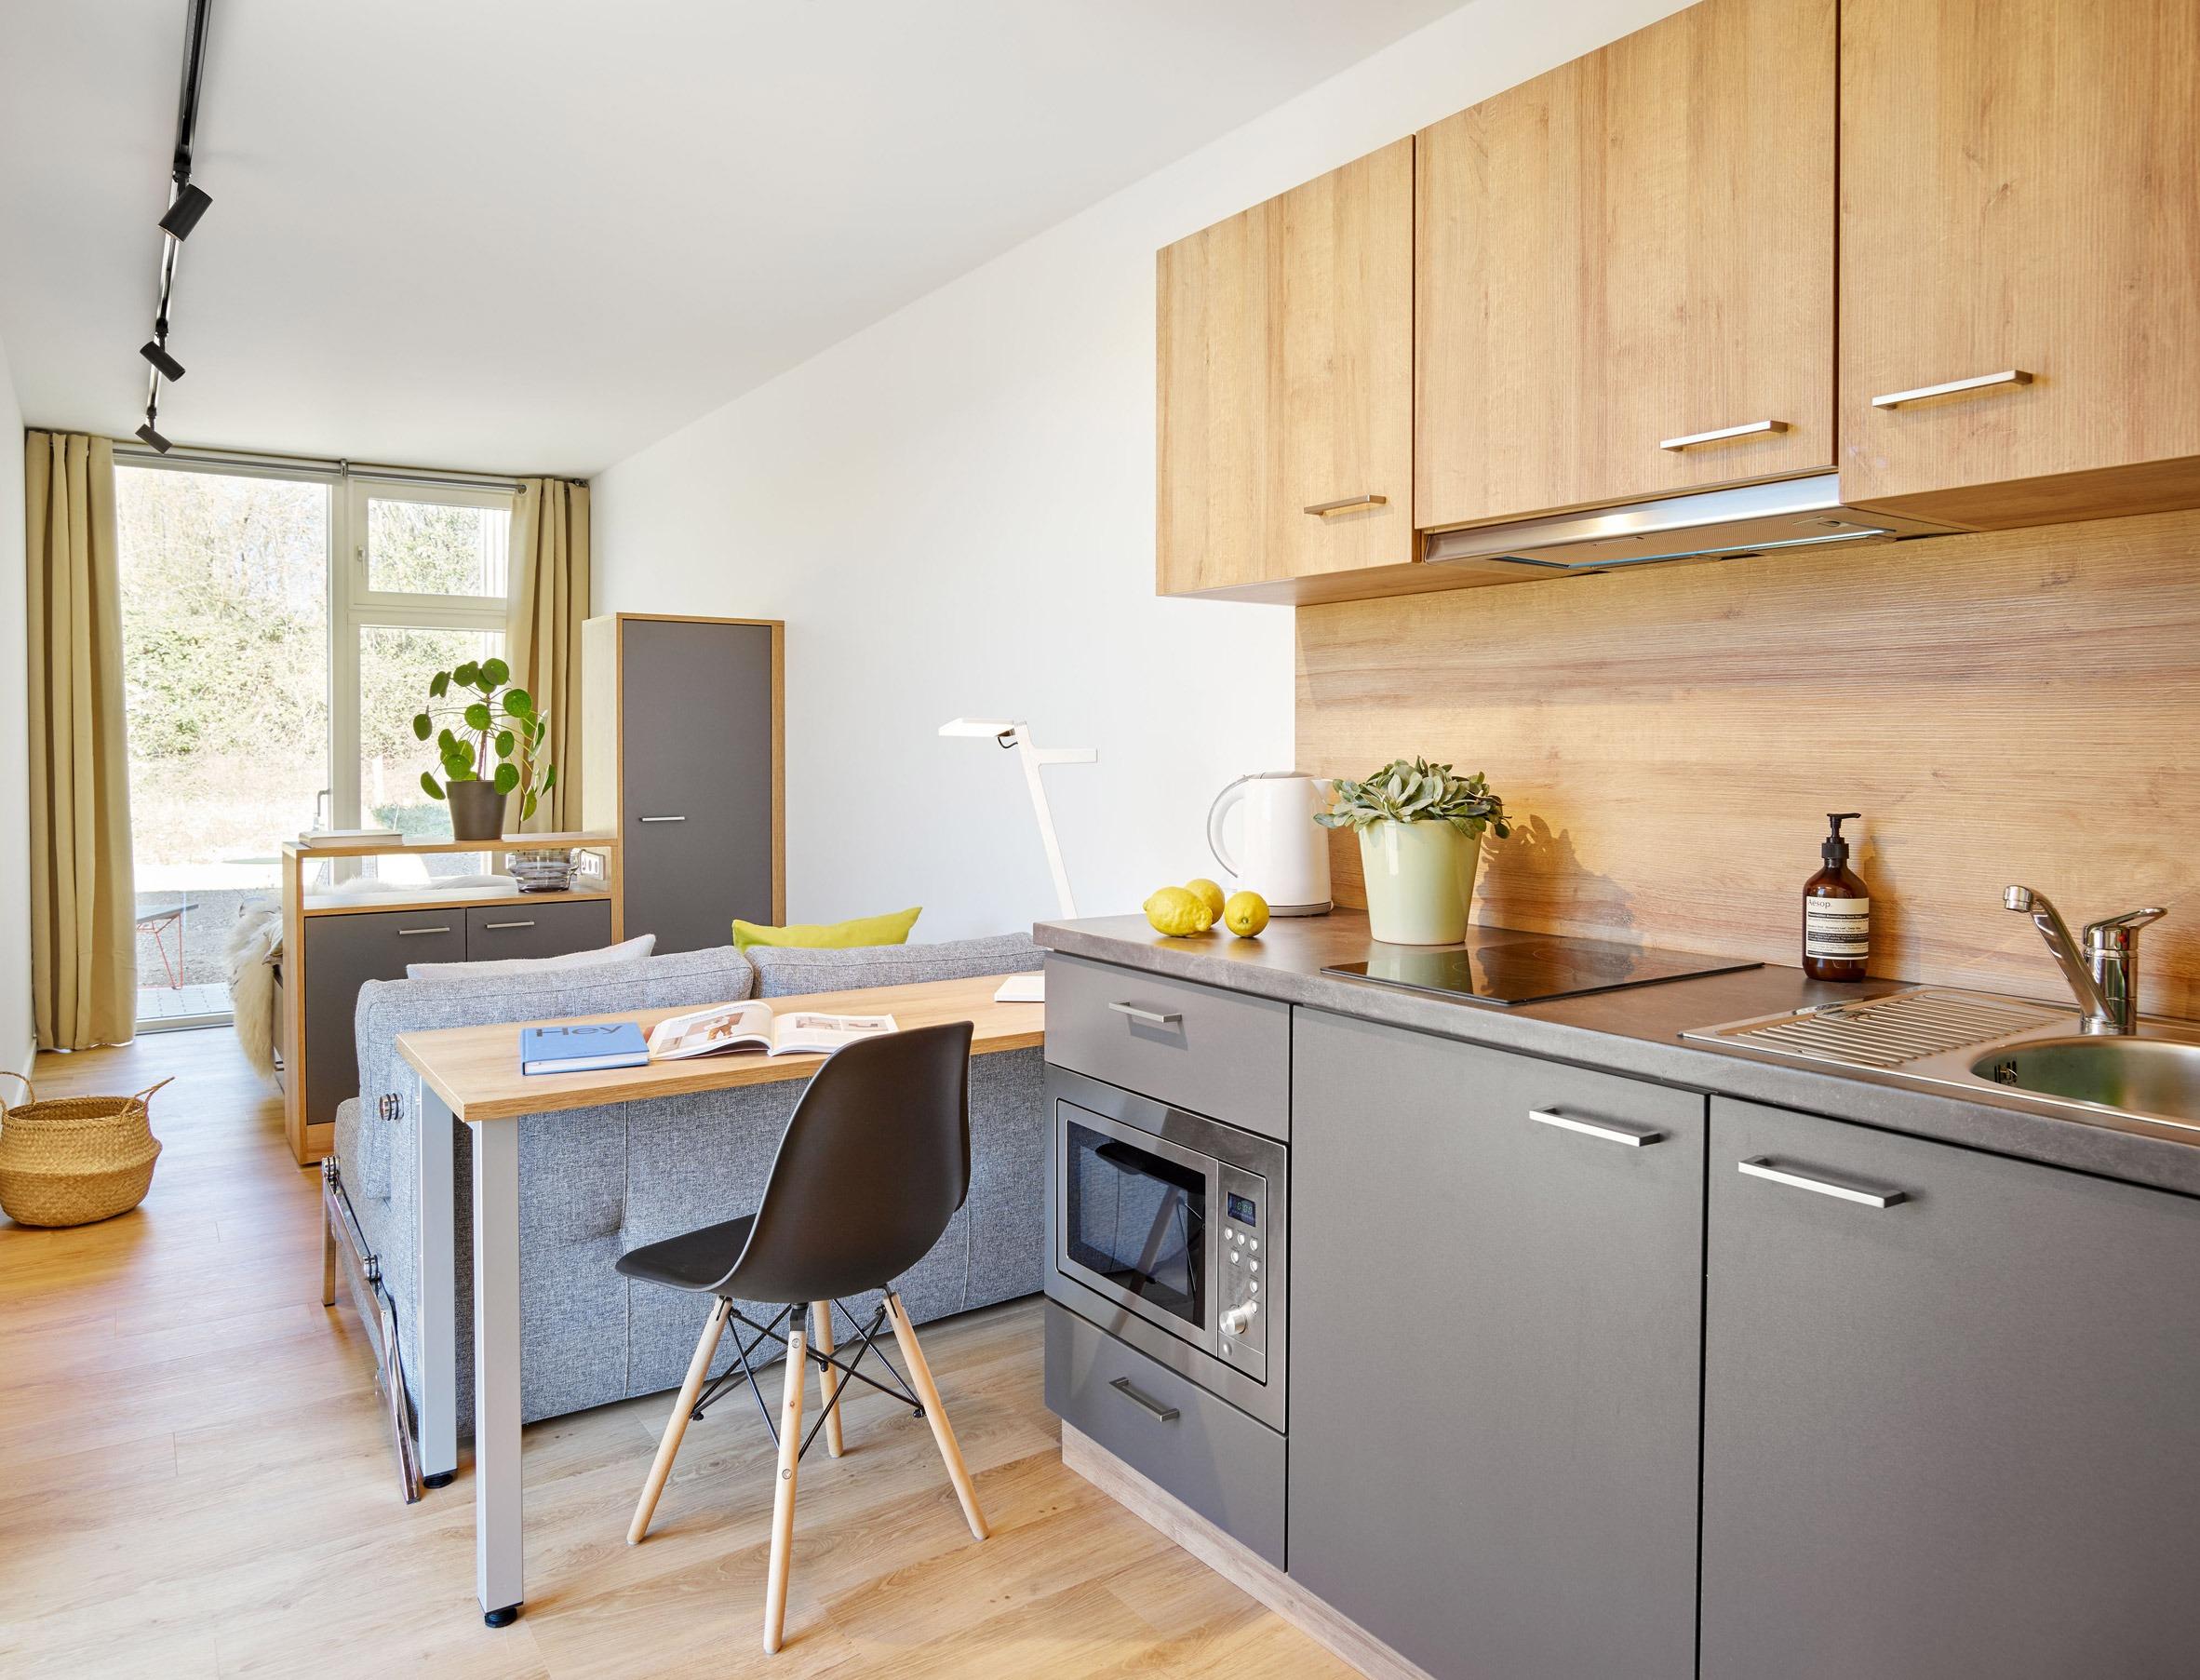 Dettagli della cucina / Stefan Hohloch